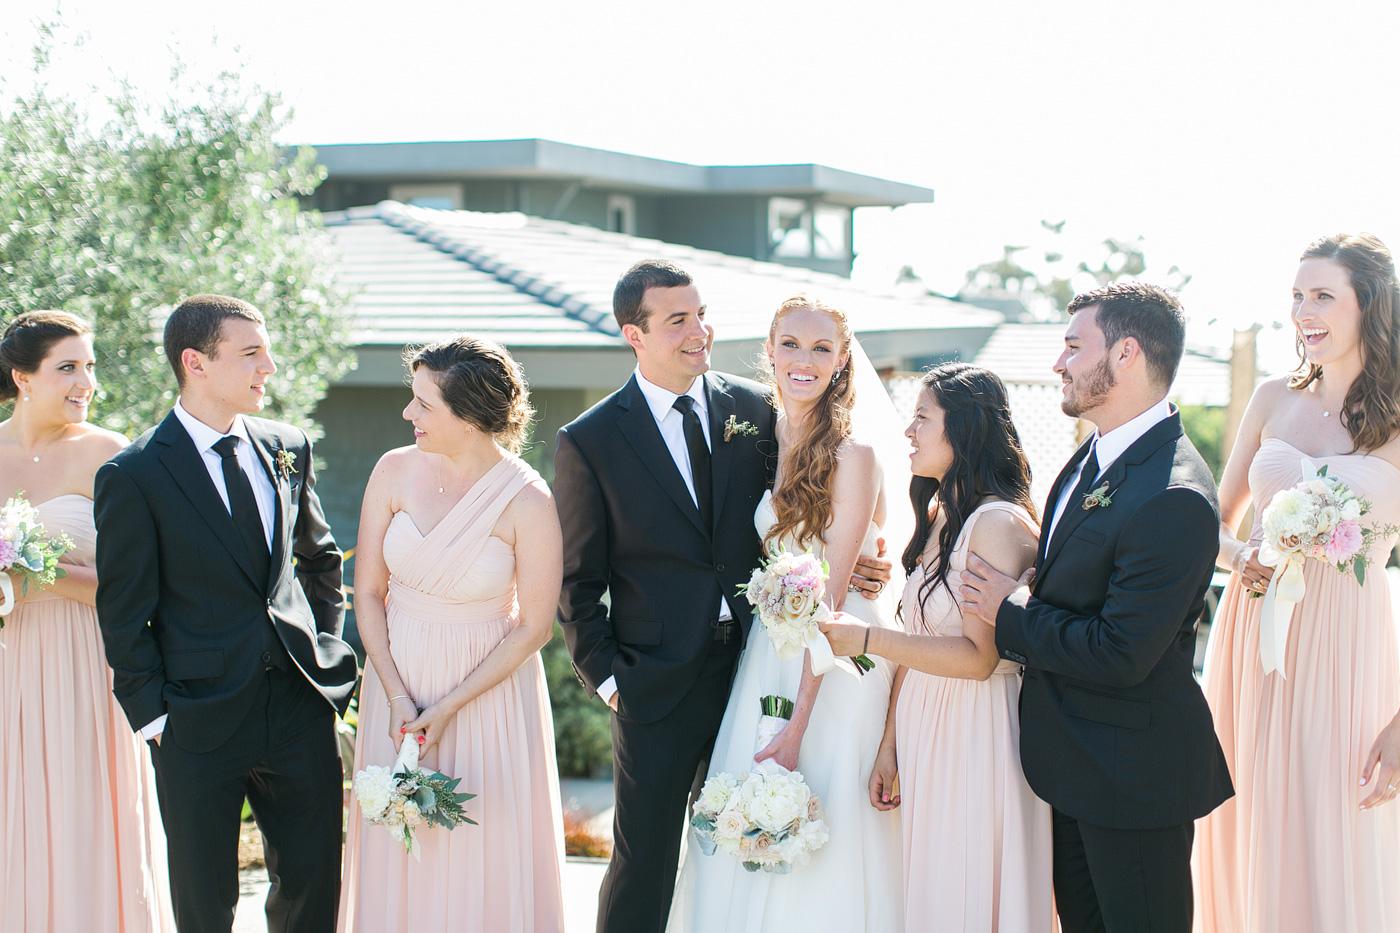 San-diego-wedding-18